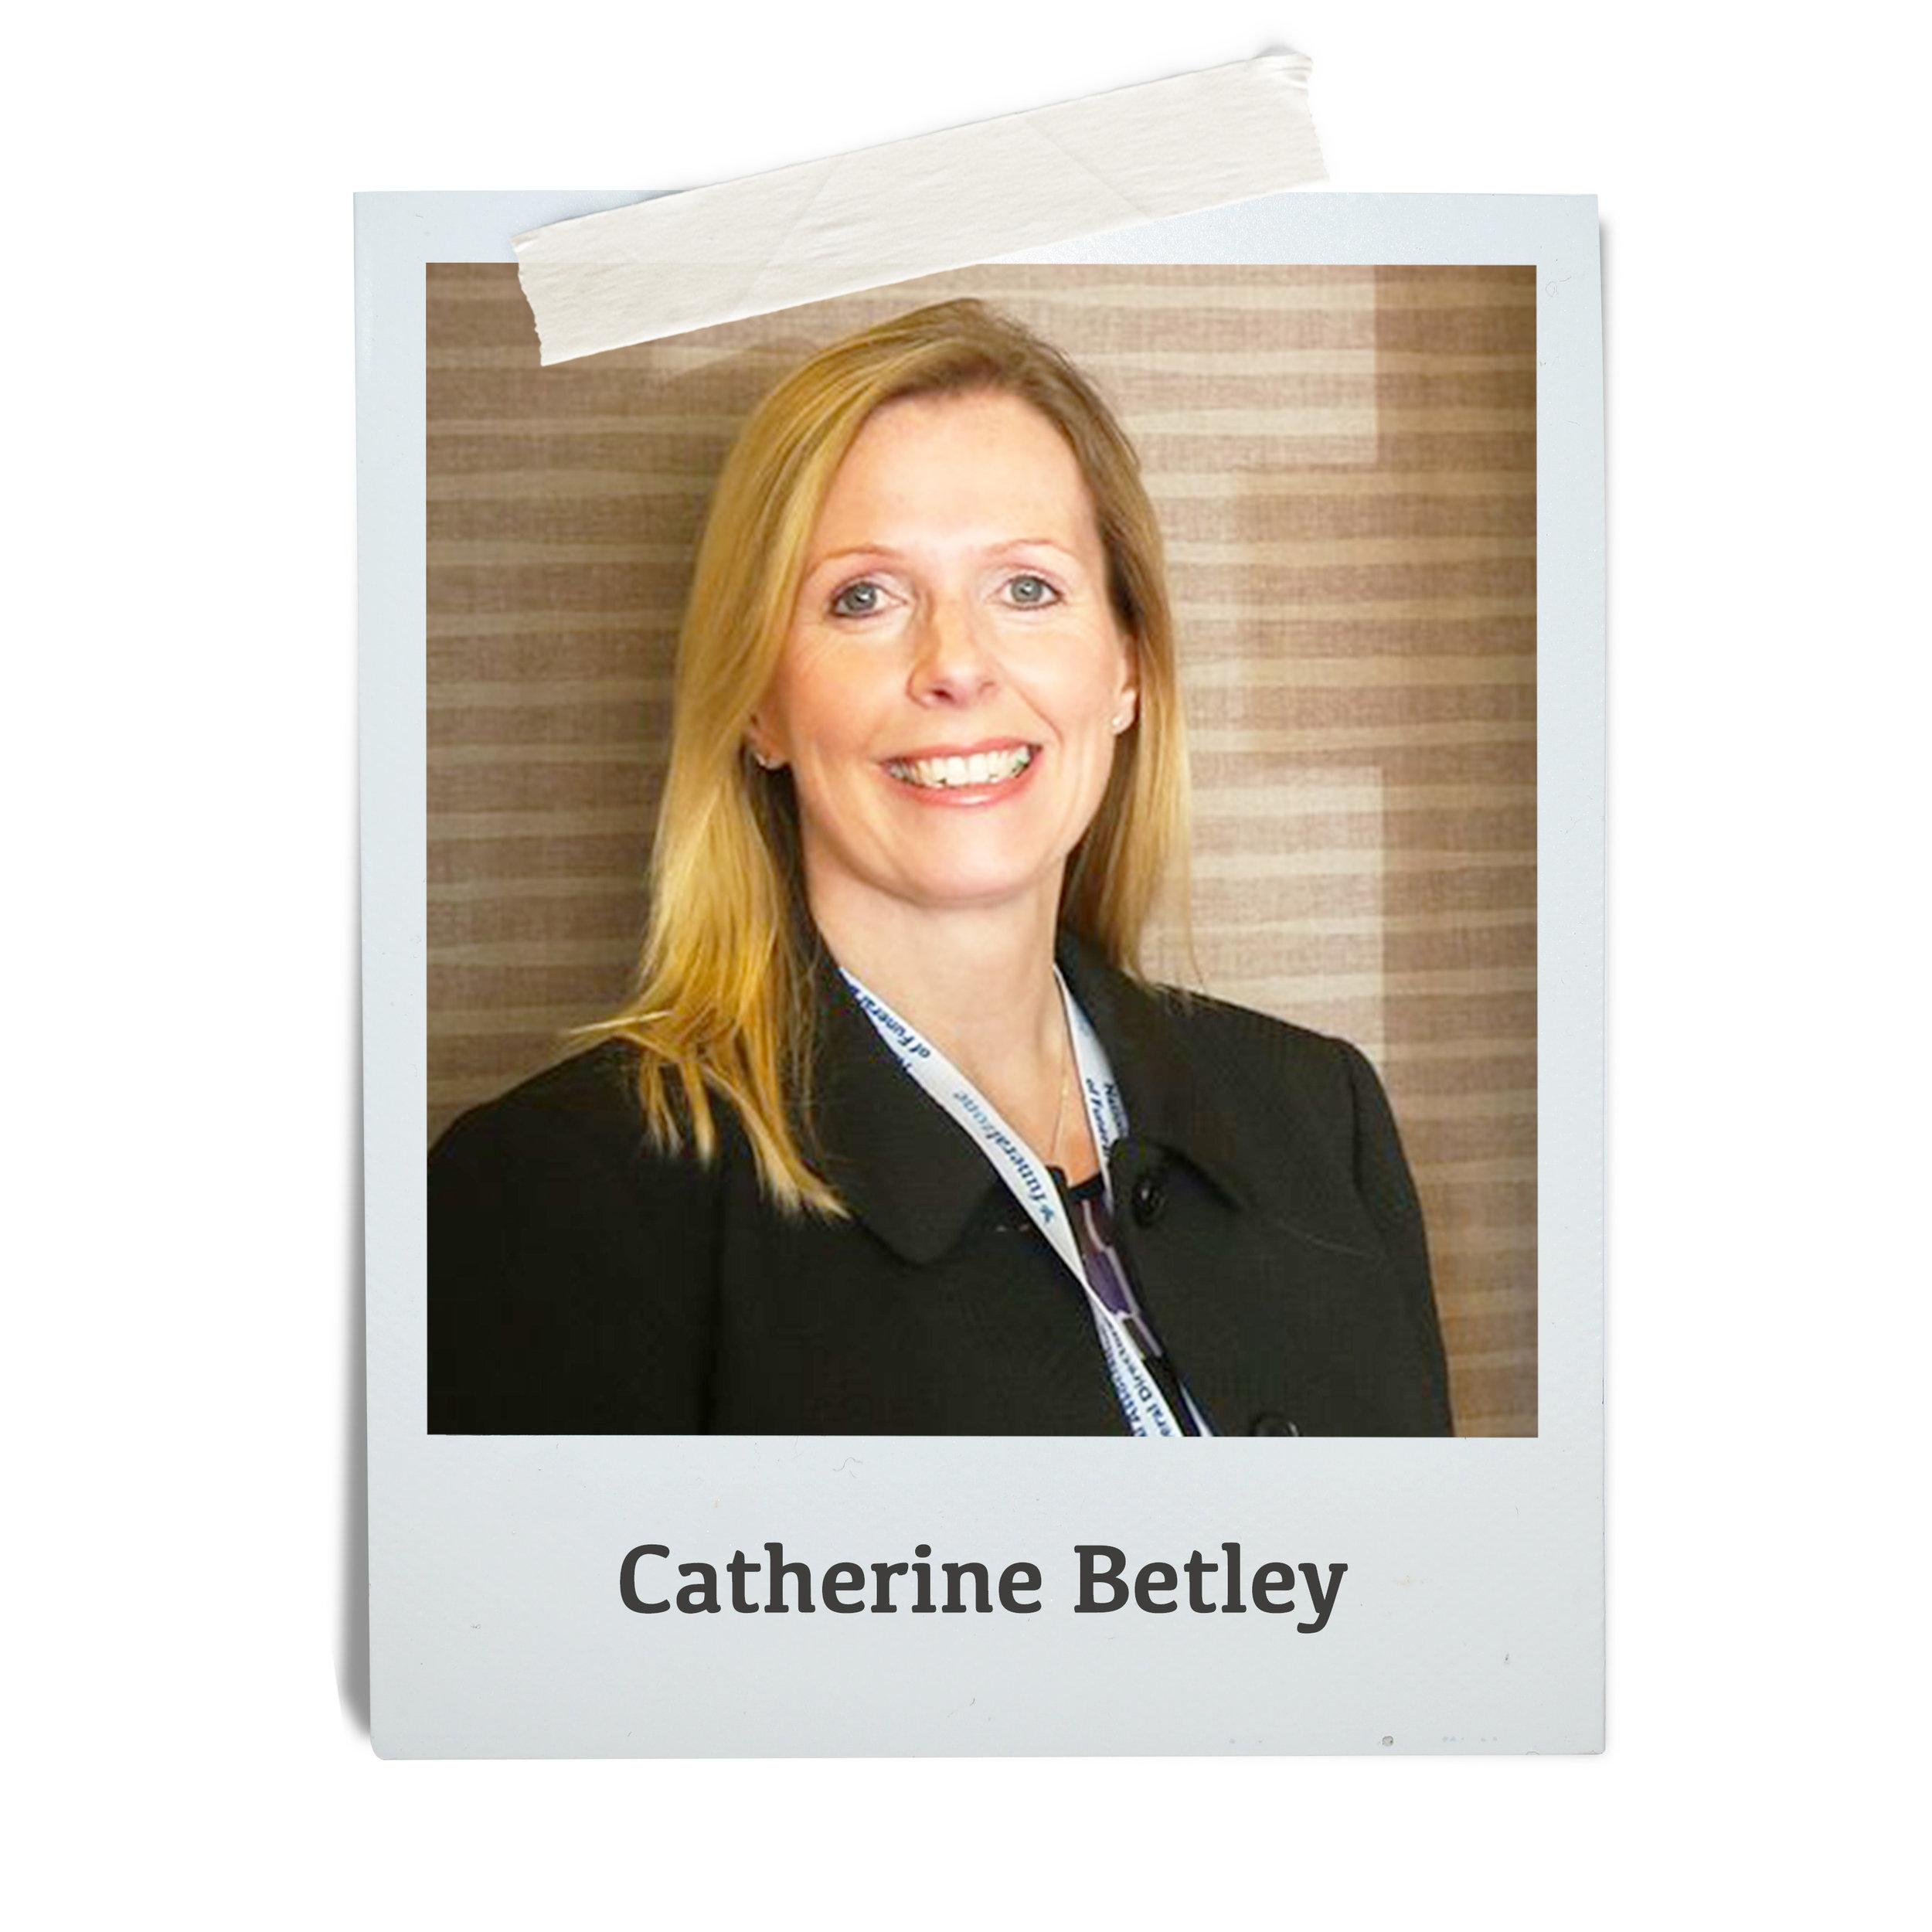 Catherine Betley